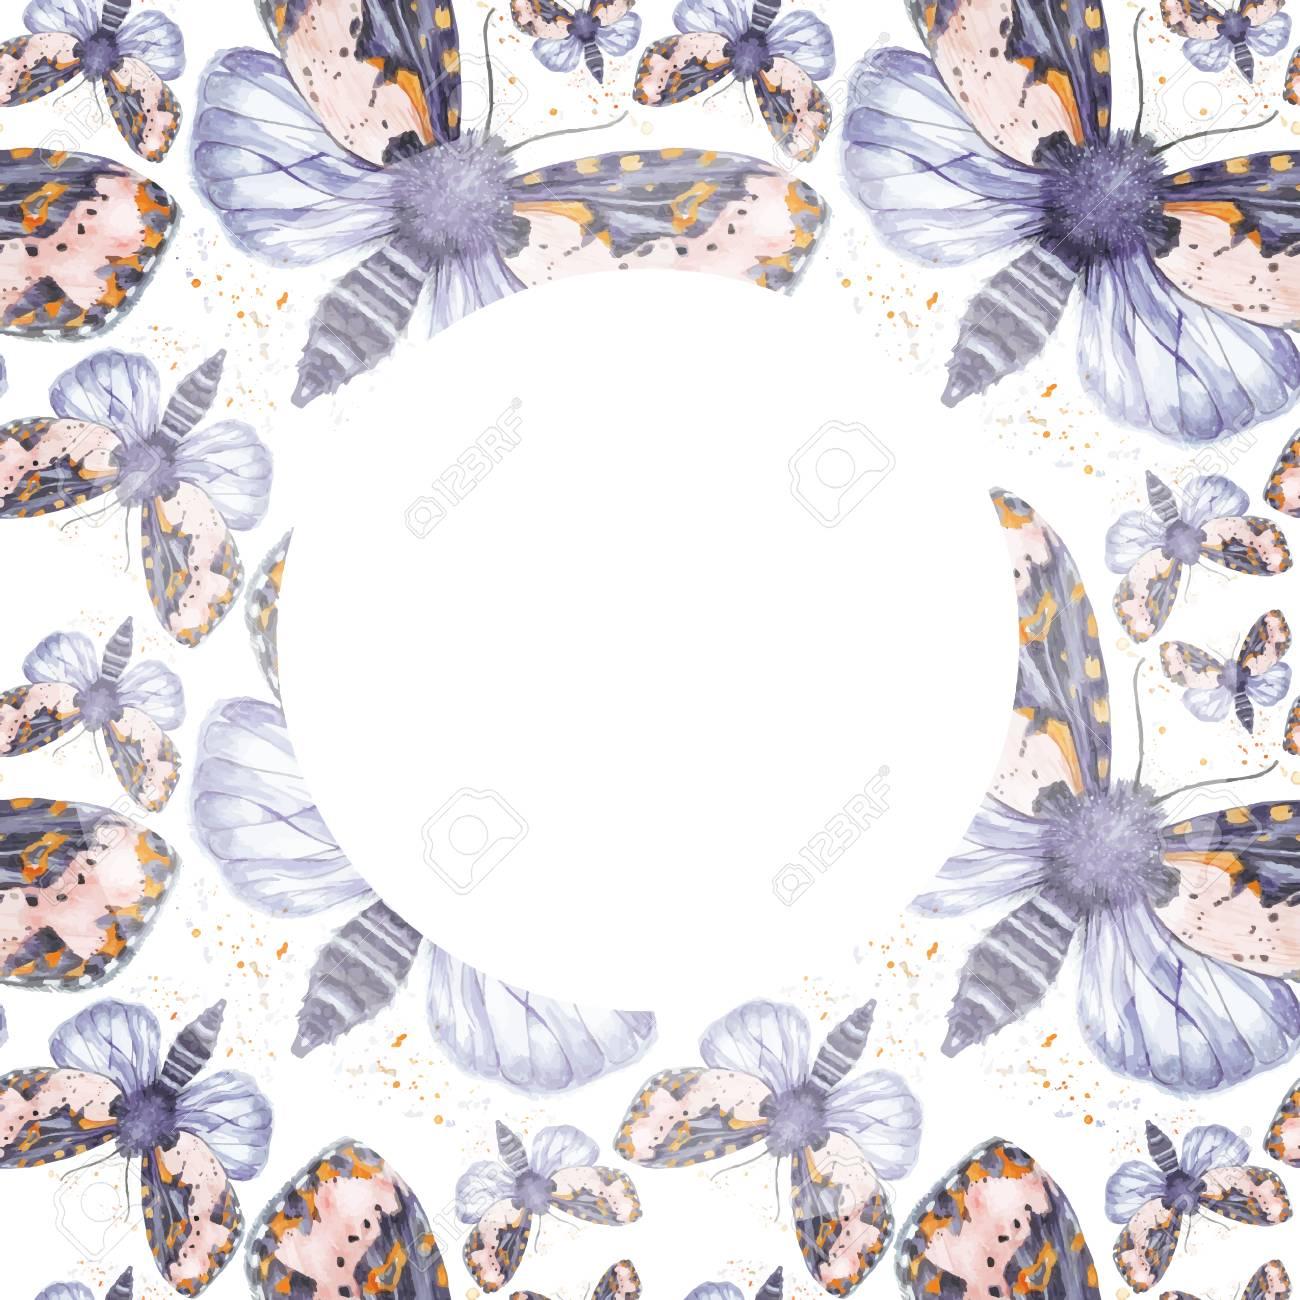 Gemalte Zeichnung Aquarell Shaggy Schmetterling Bär Nahtlose Muster ...